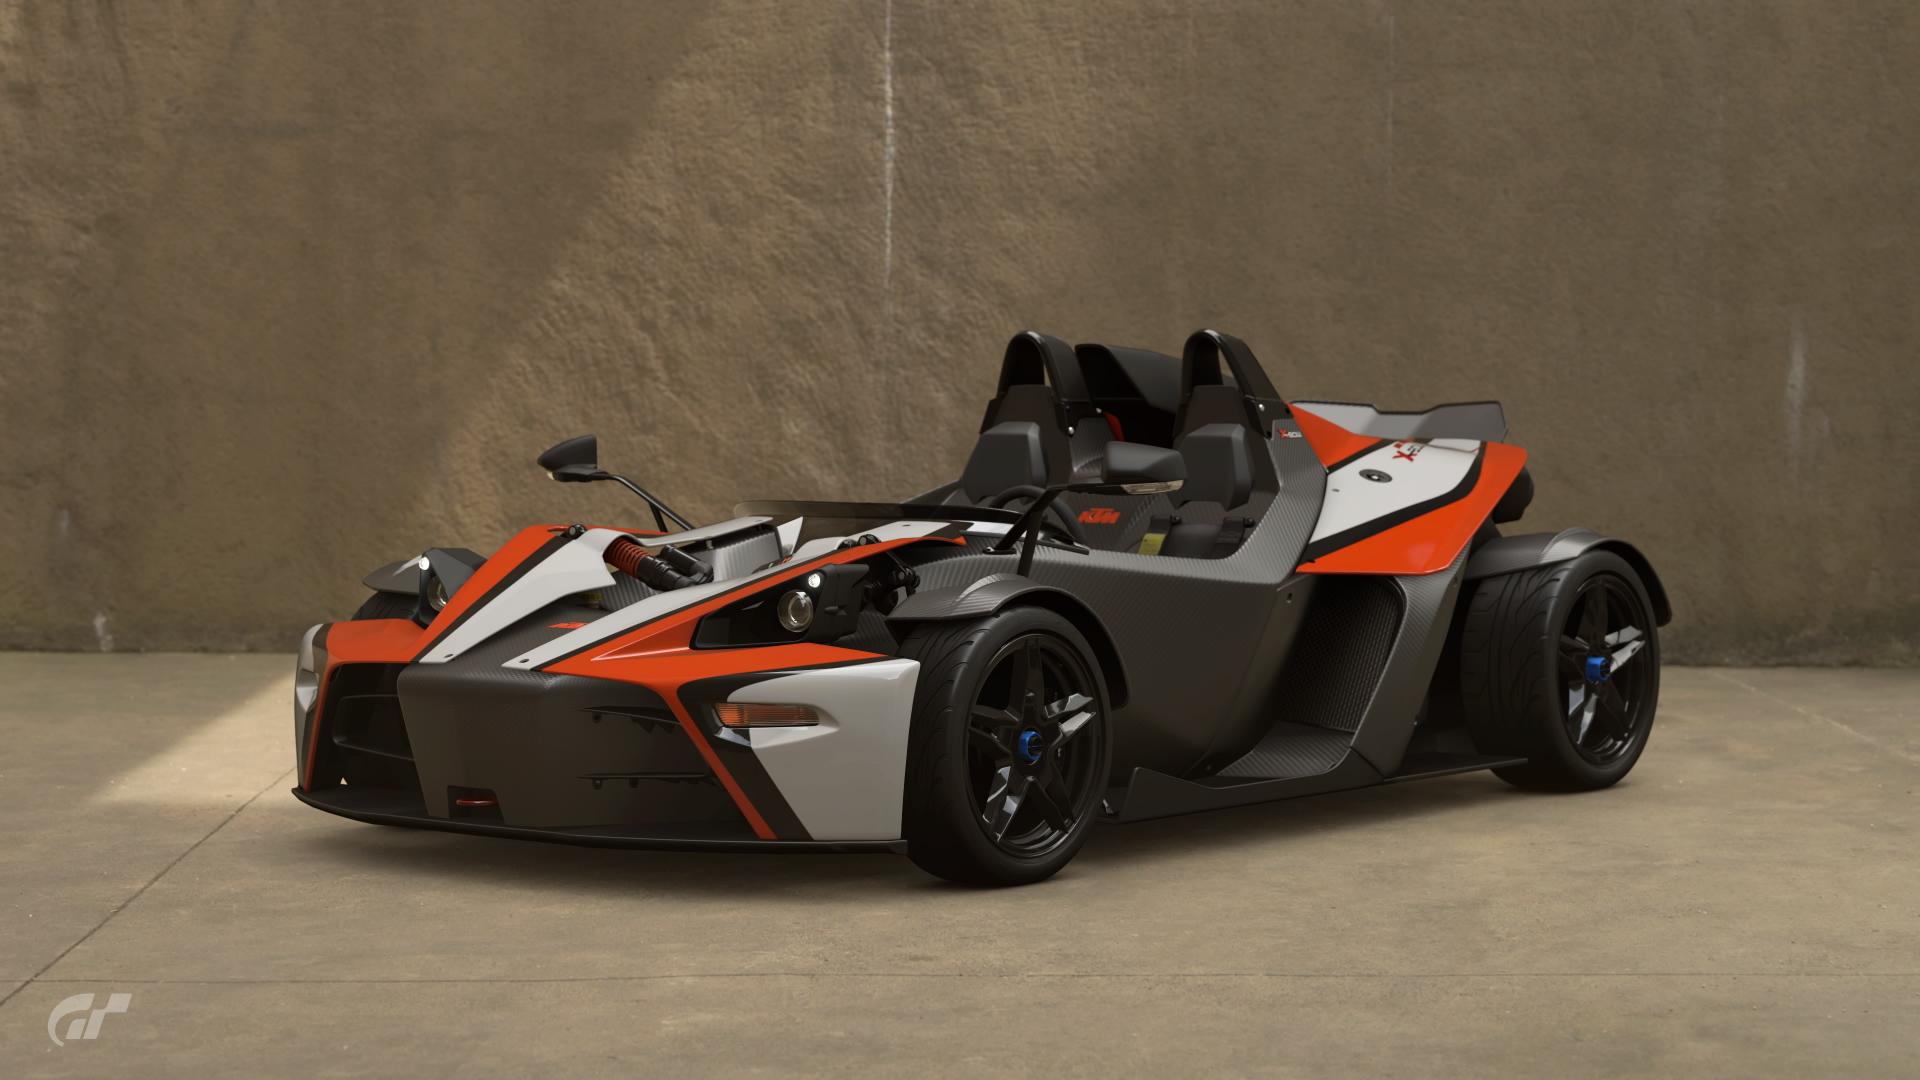 KTM X-BOW R '12 | Gran Turismo Wiki | FANDOM powered by Wikia